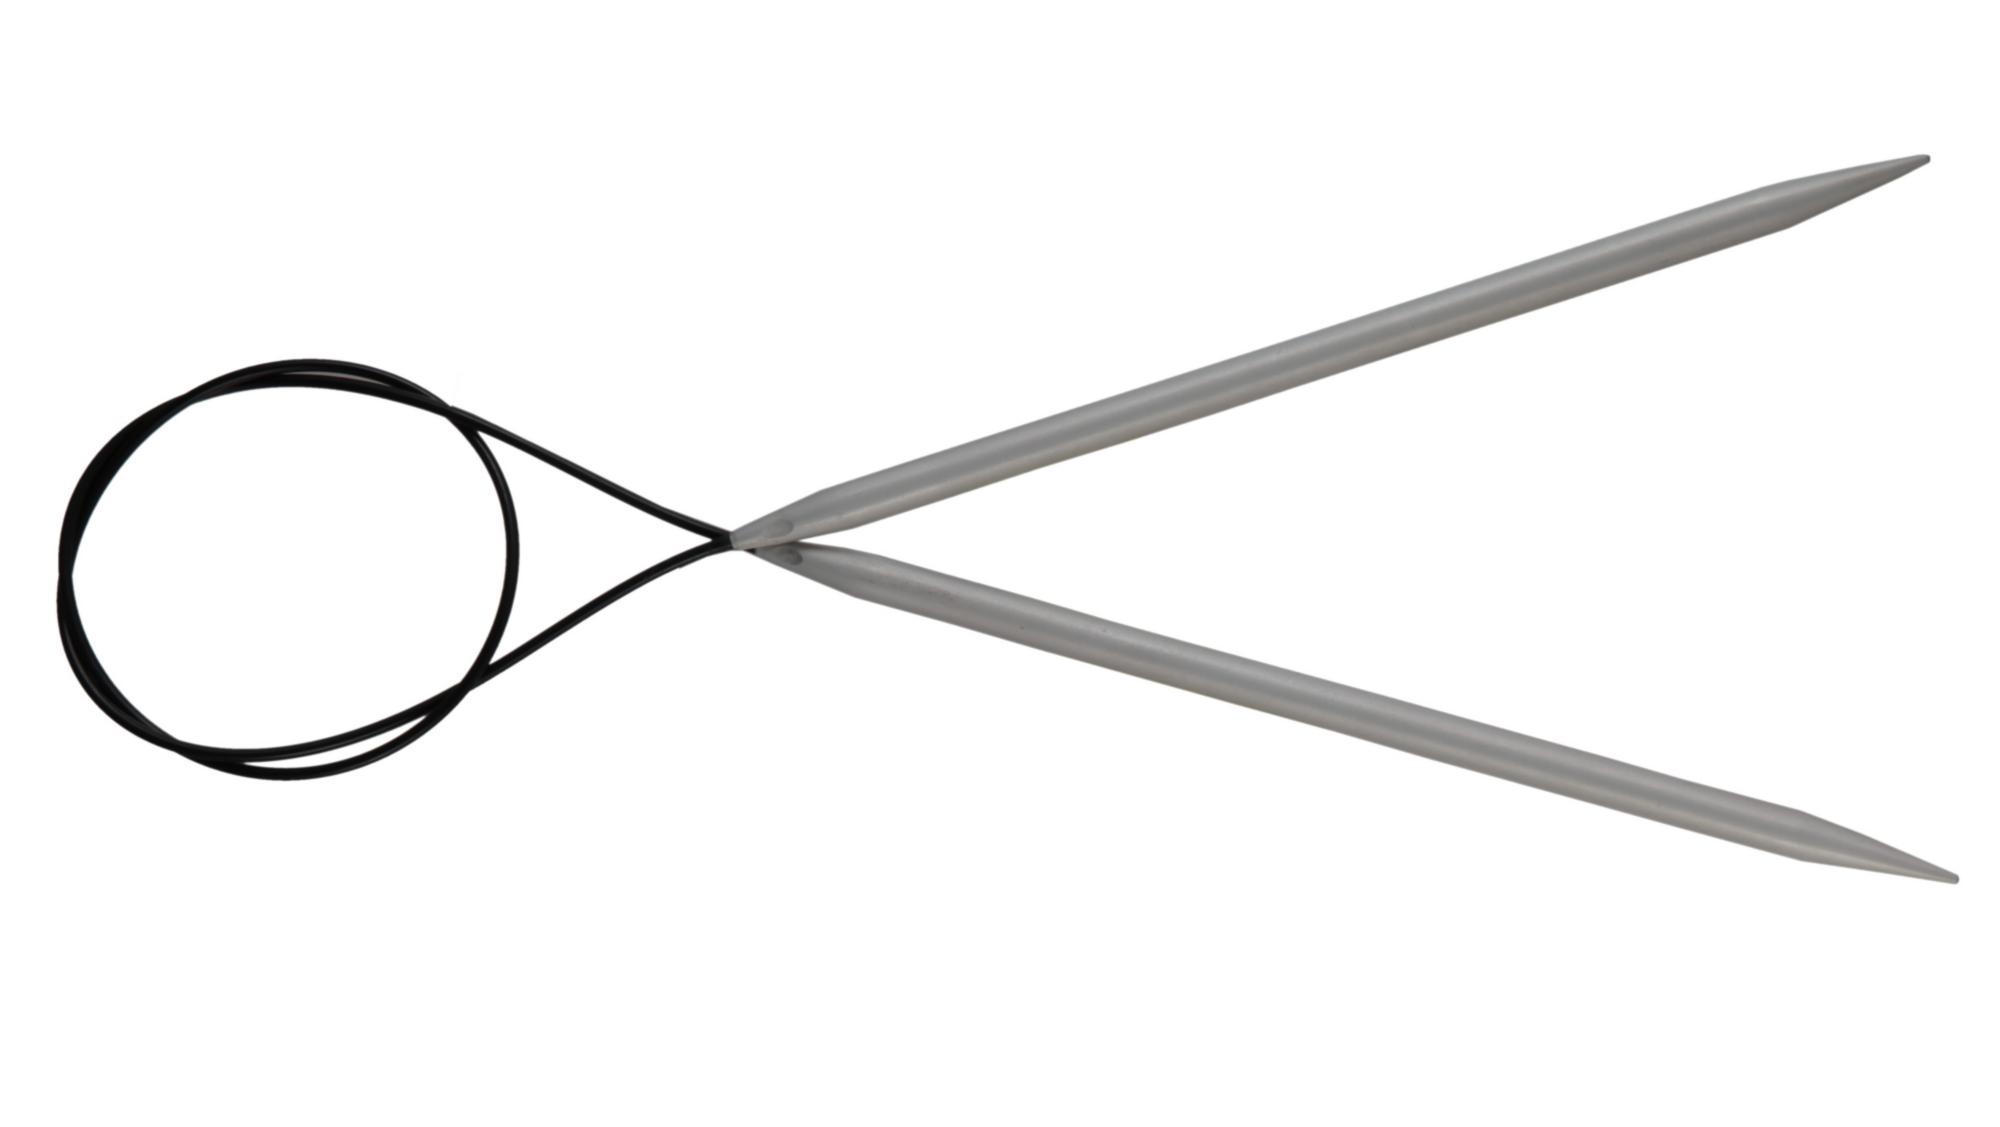 Спицы круговые 60 см Basix Aluminium KnitPro, 45326, 4.50 мм